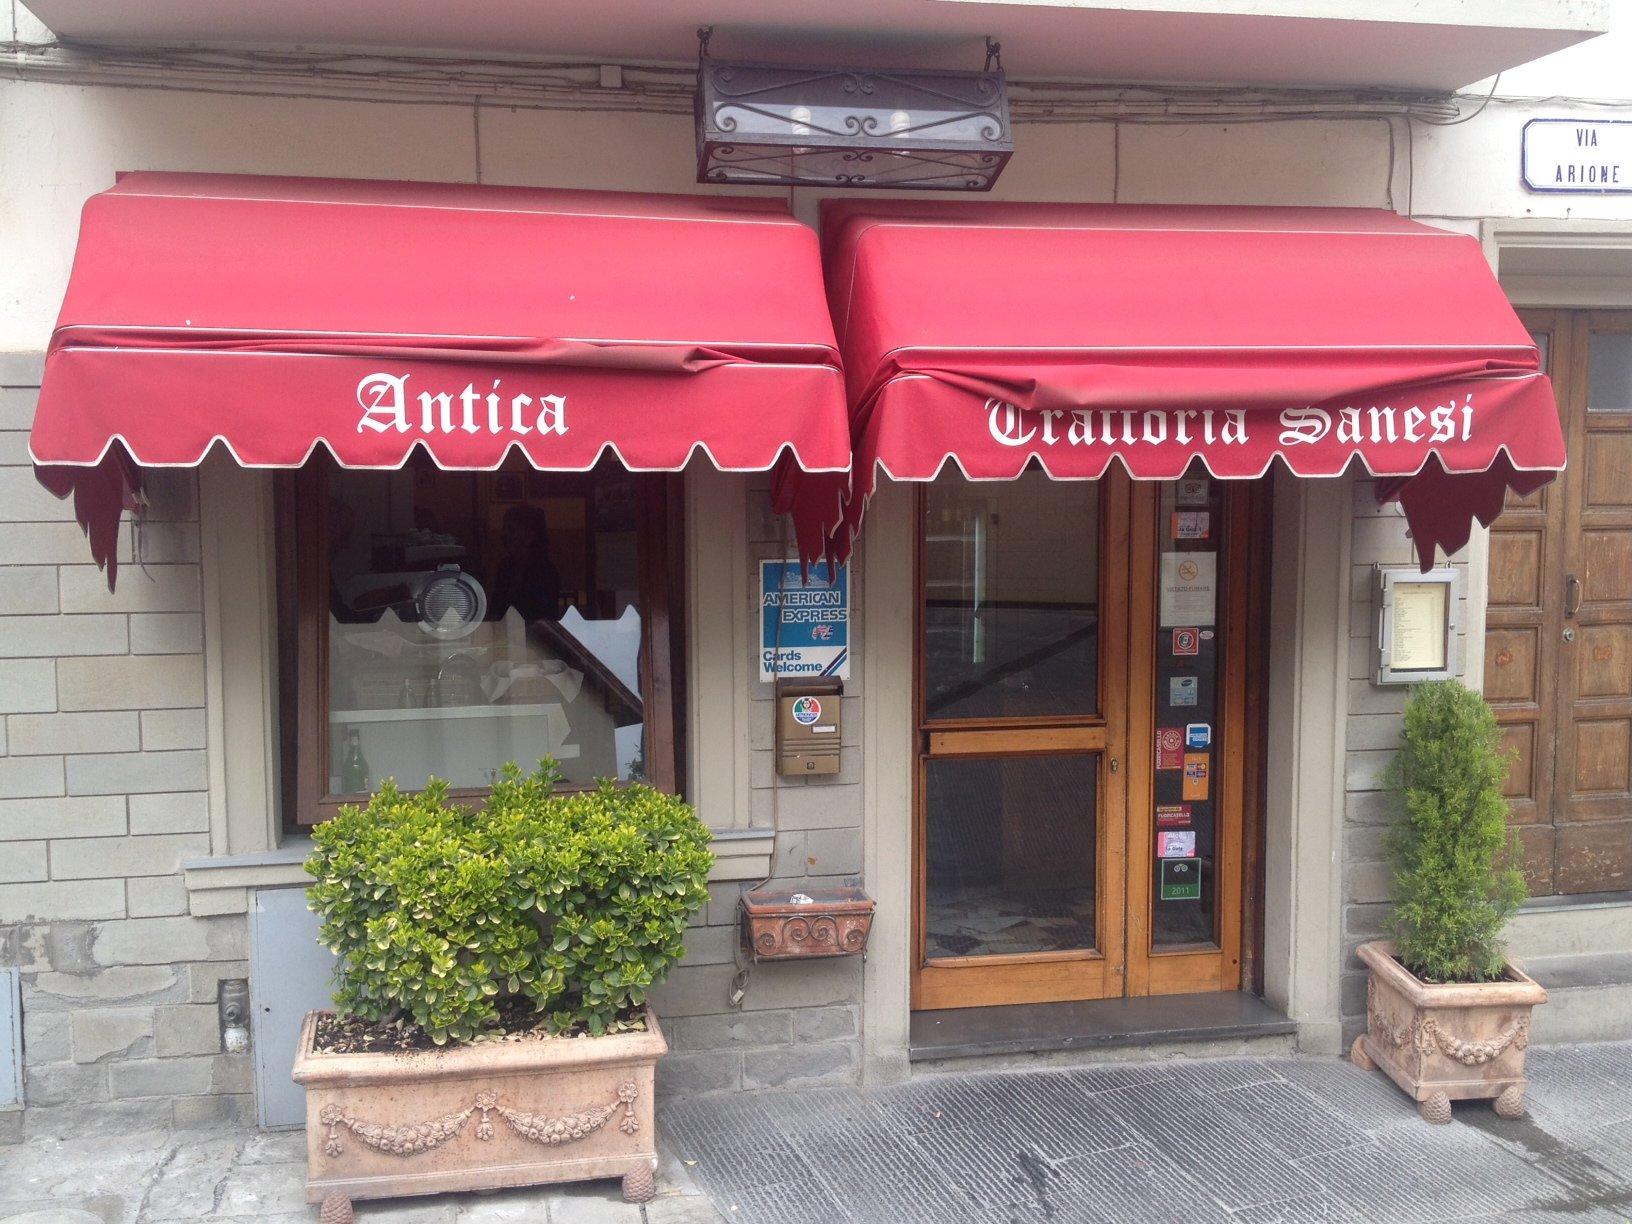 L'Antica Trattoria Sanesi è uno dei ristorranti tipici più famosi di Firenze, dove si trova un'ottima cucina toscana al giusto prezzo